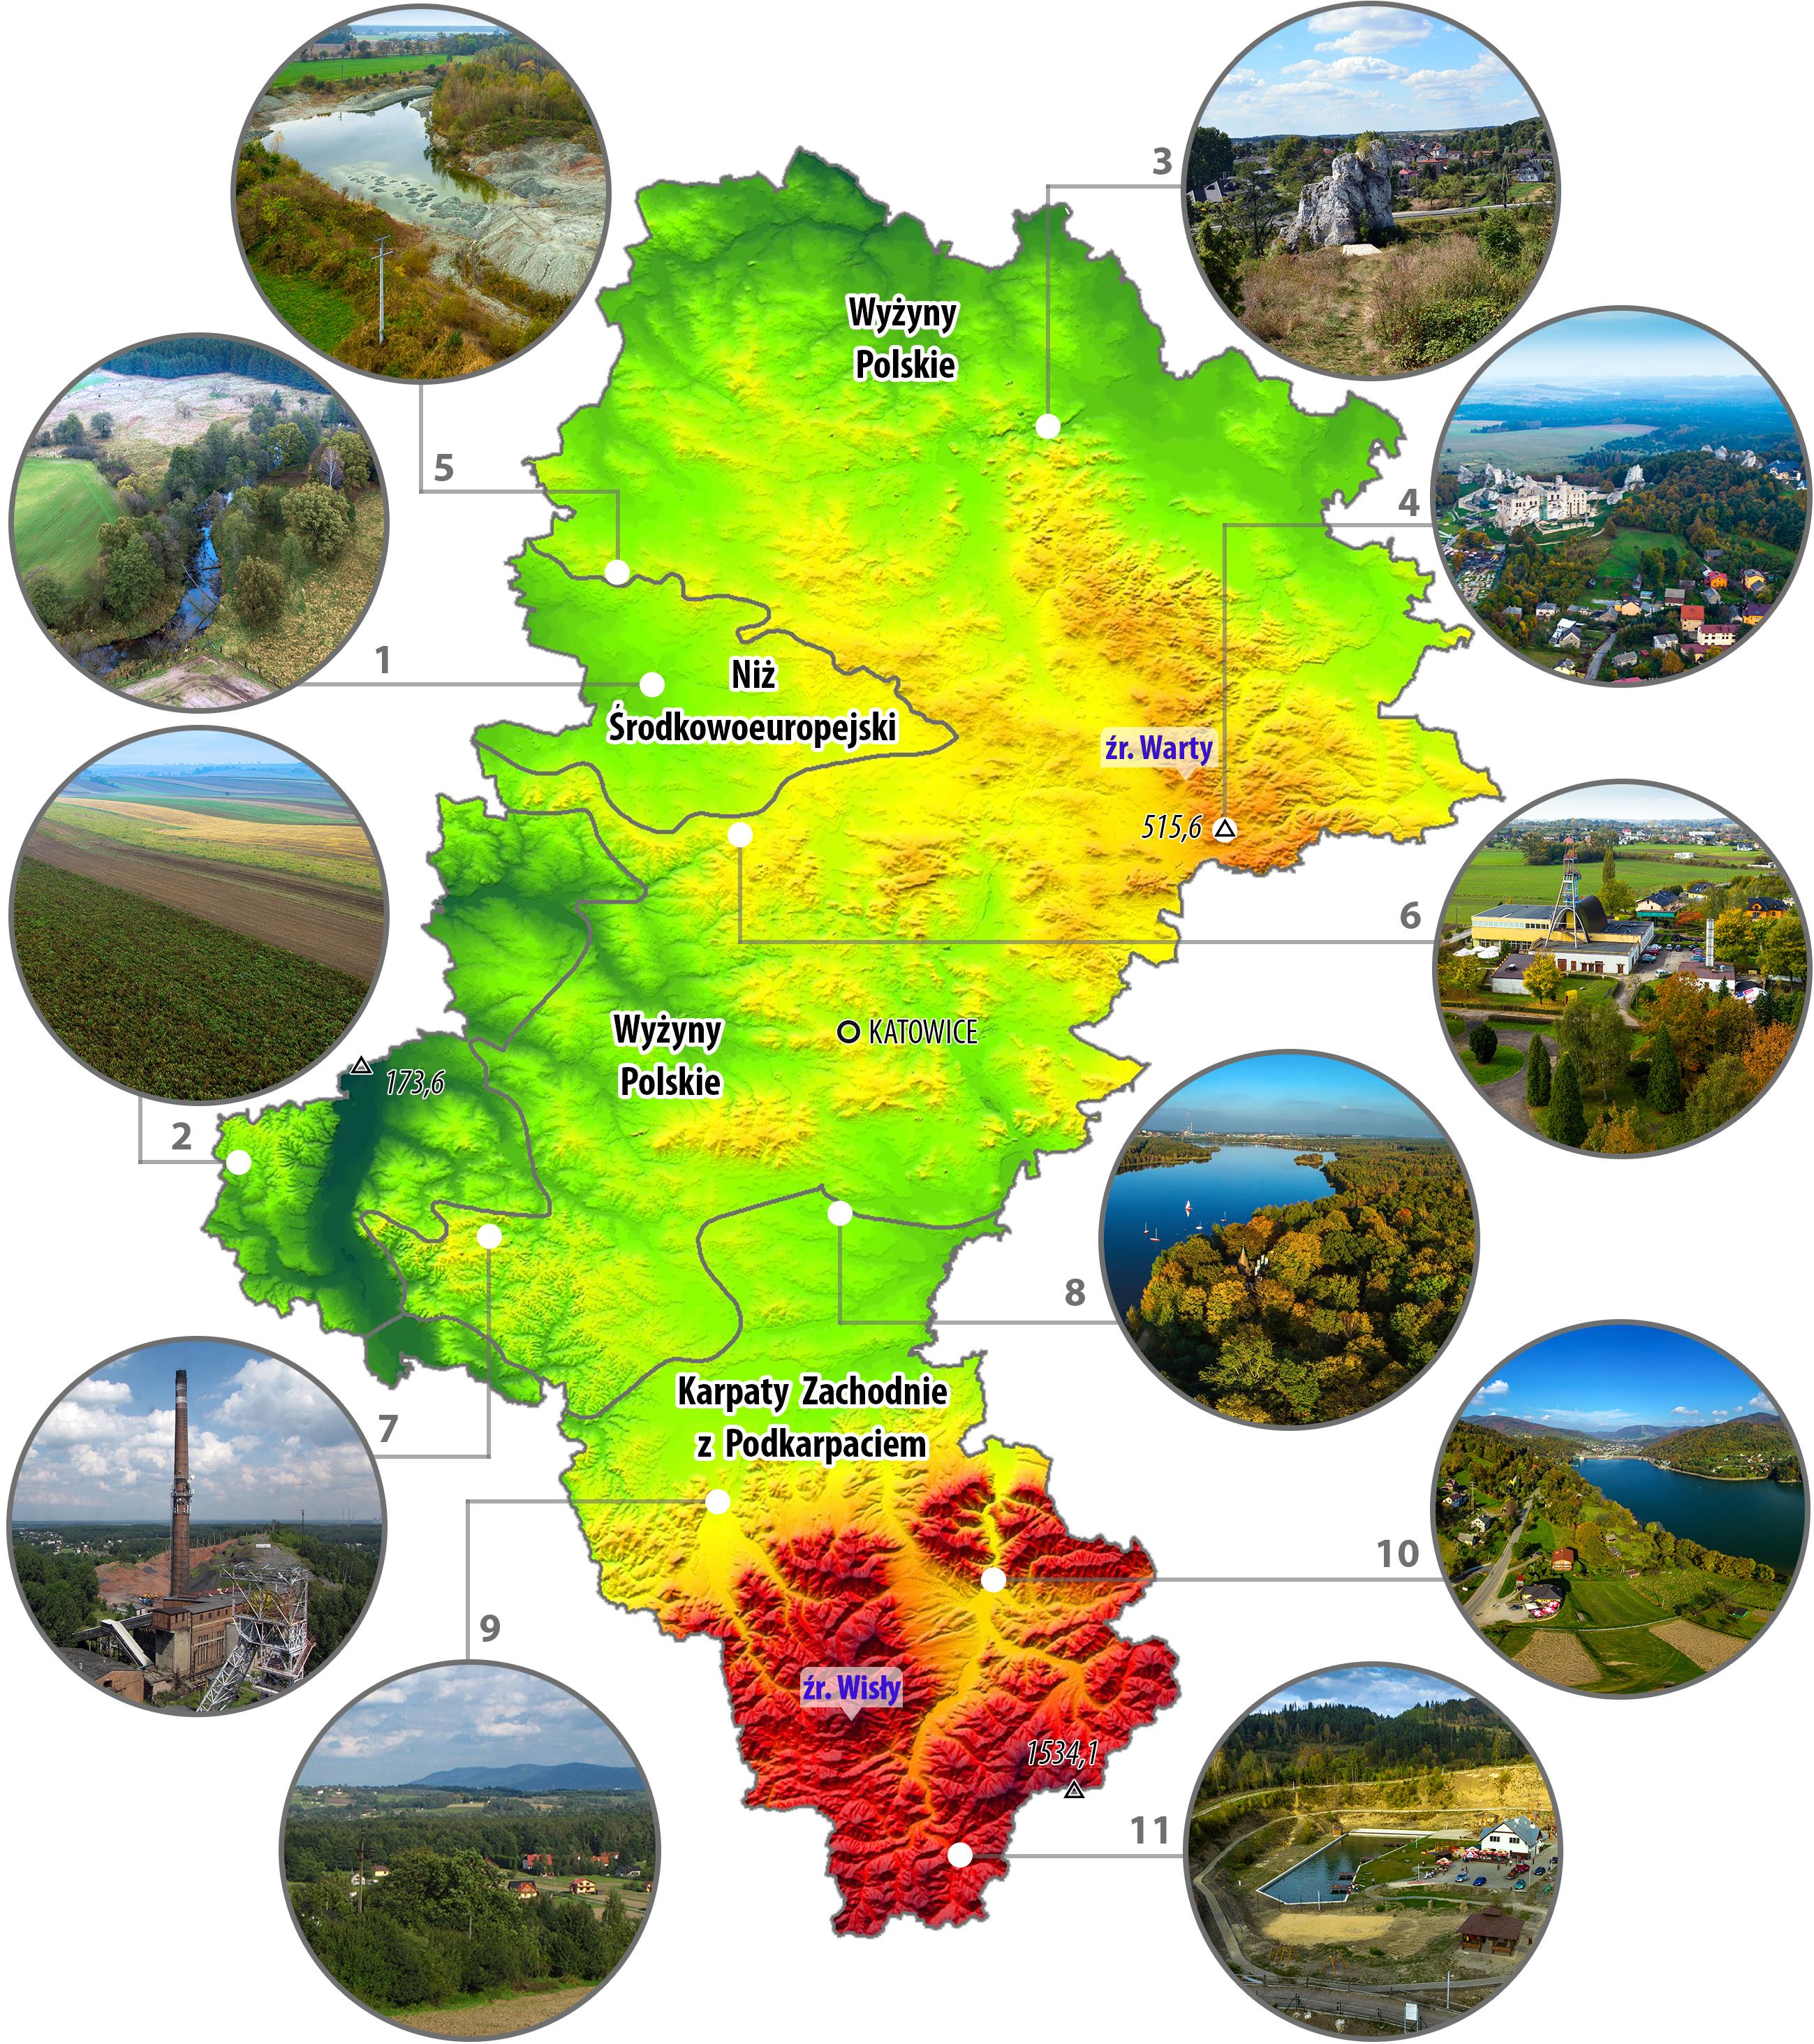 """Rys. 1. Województwo śląskie położone jest na terenie trzech prowincji fizycznogeograficznych (Kondracki, 2009), z czym związane jest wyraźne zróżnicowane środowiska przyrodniczego, zarówno pod względem georóżnorodności jak i bioróżnorodności. Niż Środkowoeuropejski: 1 – dolina Małej Panwi (dopływ Odry) w okolicach Kokotka; 2 – wysoczyzna lessowa na terenie gminy Pietrowice Wielkie; Wyżyny Polskie: 3 – górnojurajski ostaniec skalny Skała Miłości nad przełomem rzeki Warty w gminie Mstów; 4 – ruiny zamku Ogrodzieniec wśród skał wapiennych najwyższego wzniesienia Wyżyny Krakowsko-Częstochowskiej (Góra Janowskiego) o wysokości 515,6 m n.p.m.; 5 – nieczynna glinianka iłów górnotriasowych w Lipiu Śląskim k/Lublińca, miejsce występowania górnotriasowych szczątków gadów lądowych; 6 – Zabytkowa Kopalnia Srebra w Tarnowskich Górach; 7 – Zabytkowa Kopalnia Węgla Kamiennego """"Ignacy"""" w Rybniku; Karpaty Zachodnie z Podkarpaciem: 8 – sztuczny zbiornik wodny (Jezioro Paprocańskie) powstały w 1796 roku dla potrzeb nieczynnej Huty Paprockiej w okolicy Tychów; 9 – Pogórze Śląskie przecięte doliną Wisły w okolicy Skoczowa; 10 – Przełom rzeki Soły (dopływ Wisły) dzielący Beskid Mały na część zachodnią (Pasmo Czupla i Magurki) i wschodnią (tzw. Beskid Andrychowski); 11 – nieczynny kamieniołom piaskowców magurskich w Glince przekształcony w teren rekreacyjno-wypoczynkowy; 173,6 – najniższy punkt wysokościowy w miejscowości Ruda, 1534,1 – najwyższy punkt wysokościowy na zboczach Pilska. (Źródło: Tokarska-Guzik B., Chybiorz R., Parusel J.B. (red.) 2015)"""